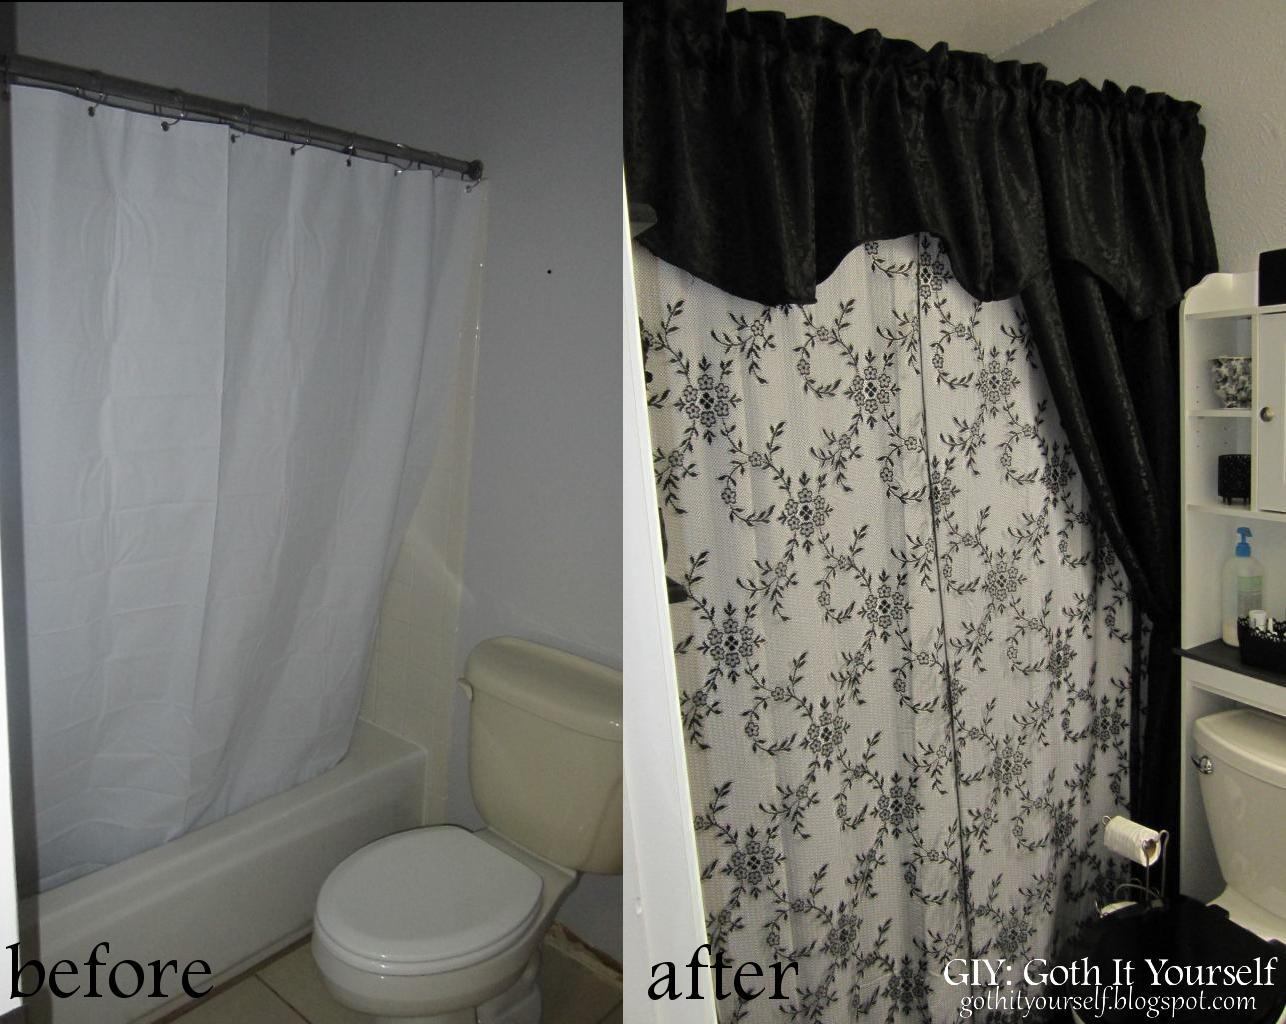 Giy goth it yourself bathroom rehab final result for Bathroom rehab